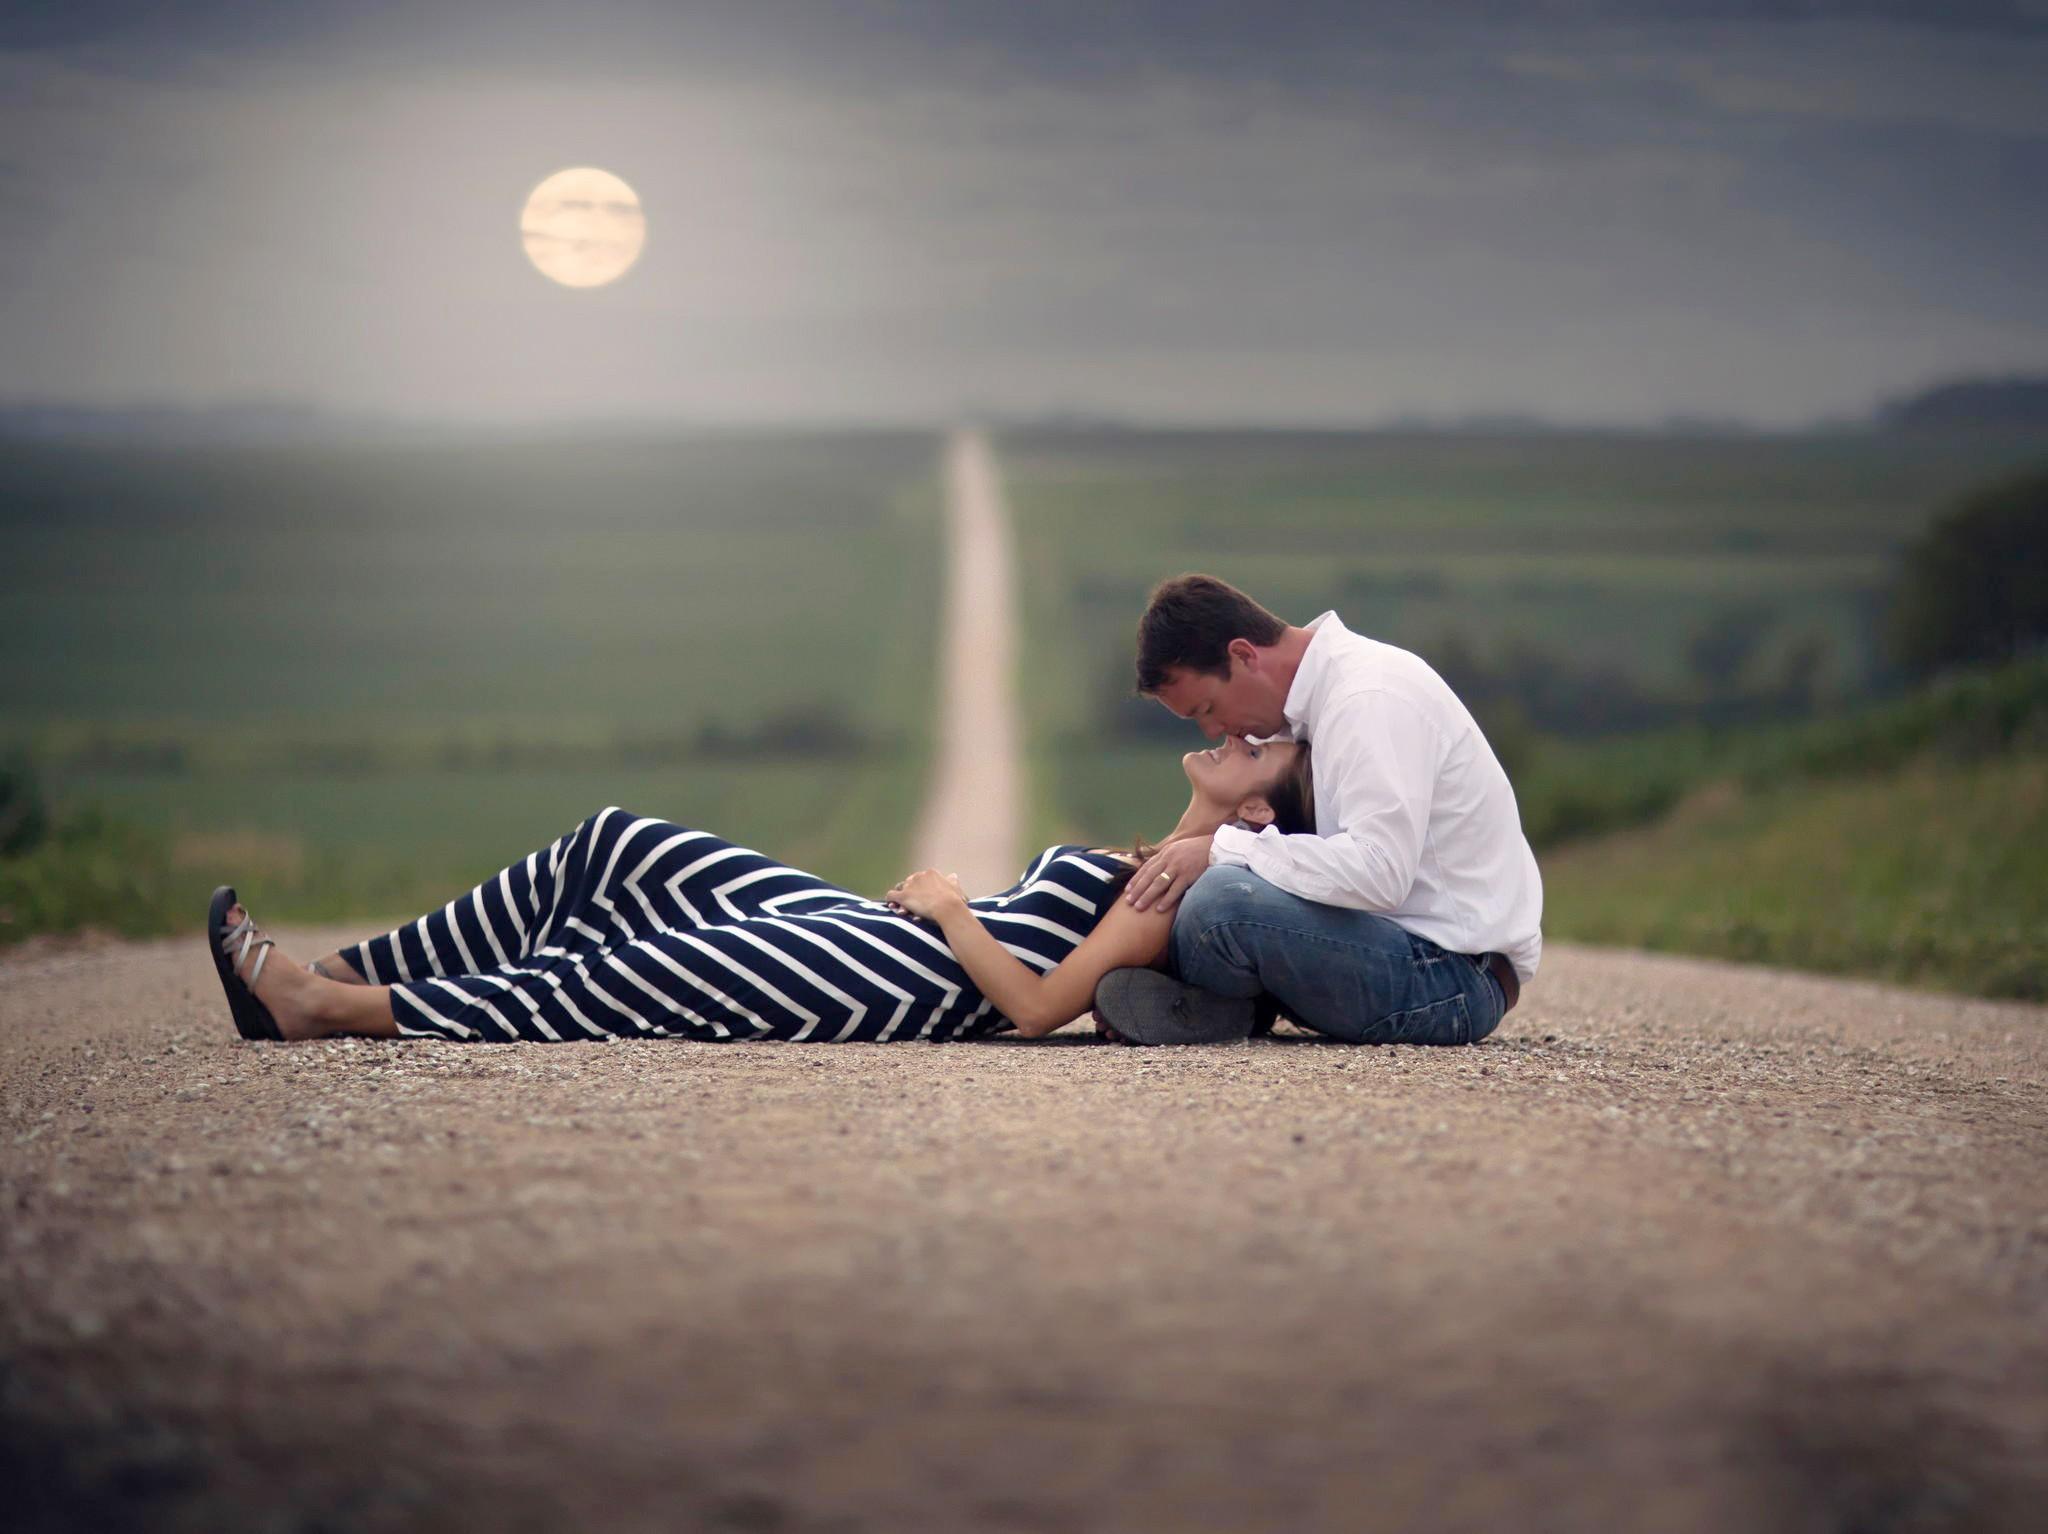 Ραντεβού και ψυχολογία ζευγαρώματος